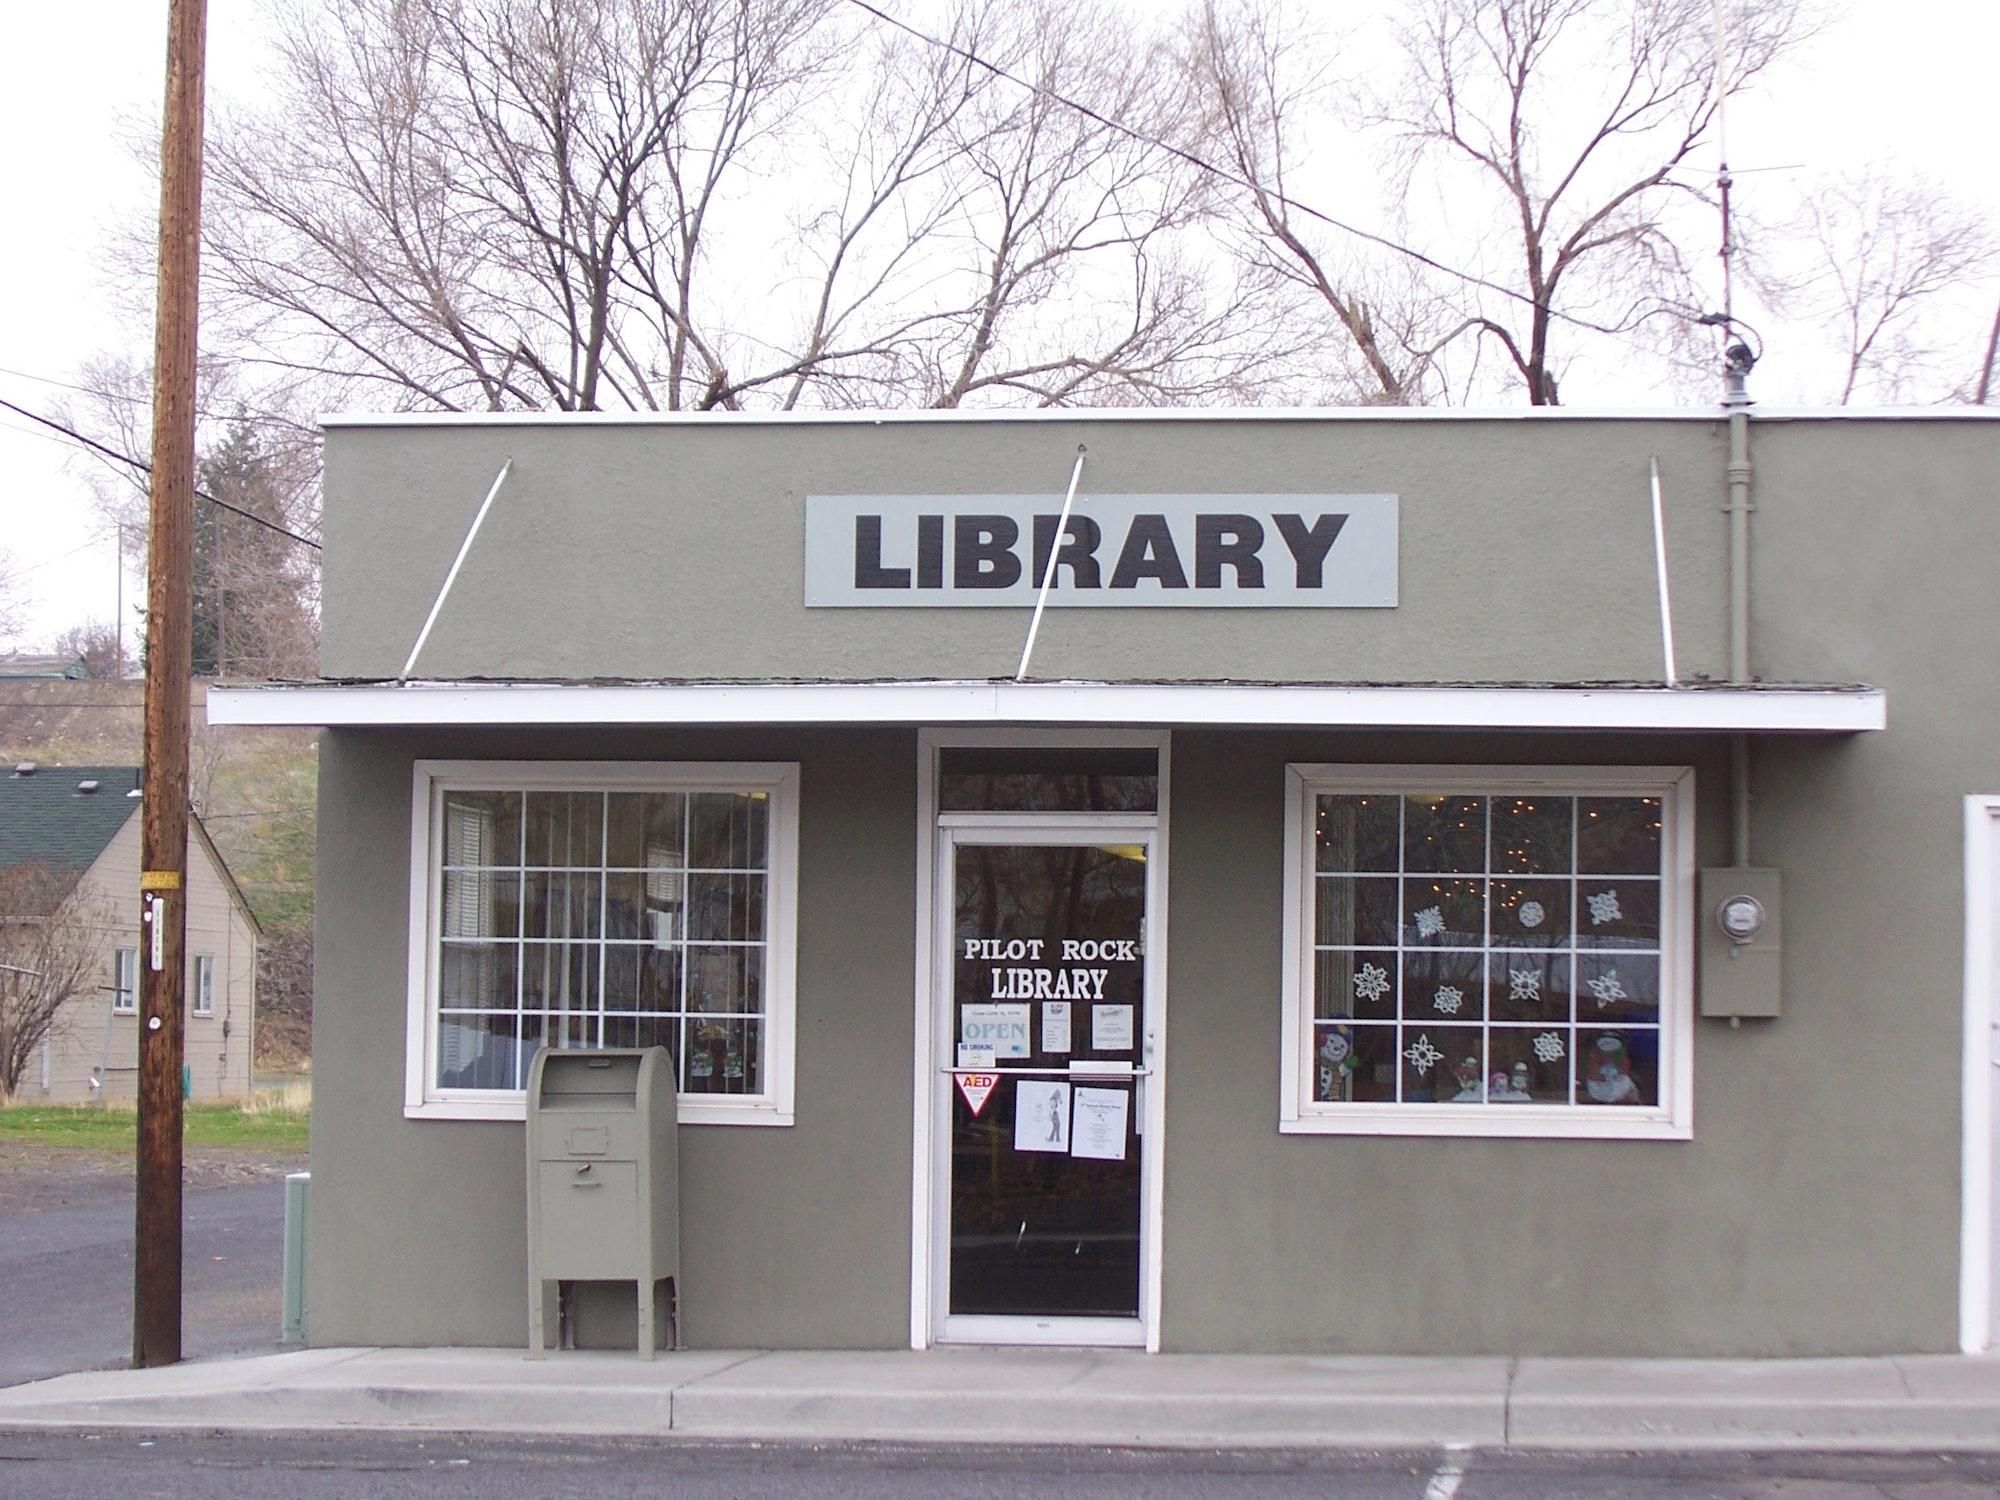 Pilot Rock Public Library building